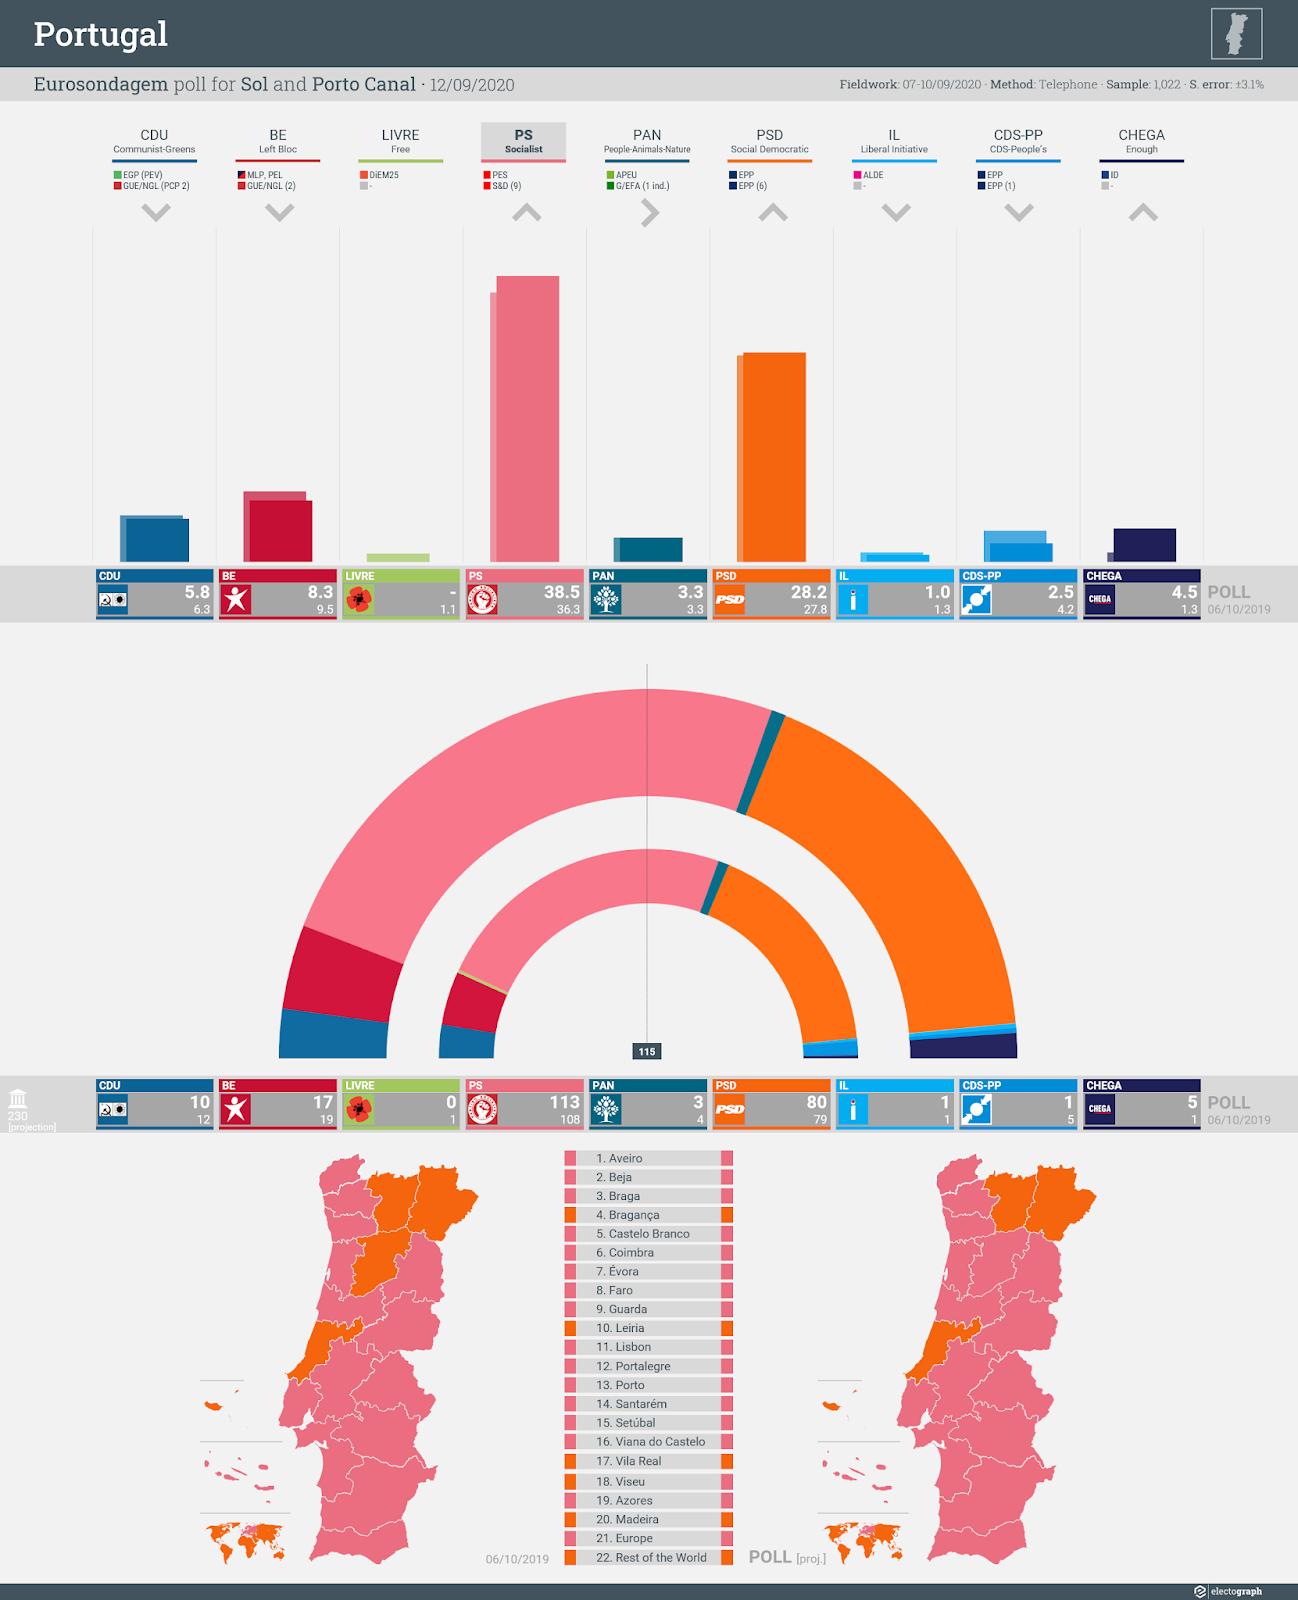 PORTUGAL: Eurosondagem poll chart for Sol and Porto Canal, 12 September 2020